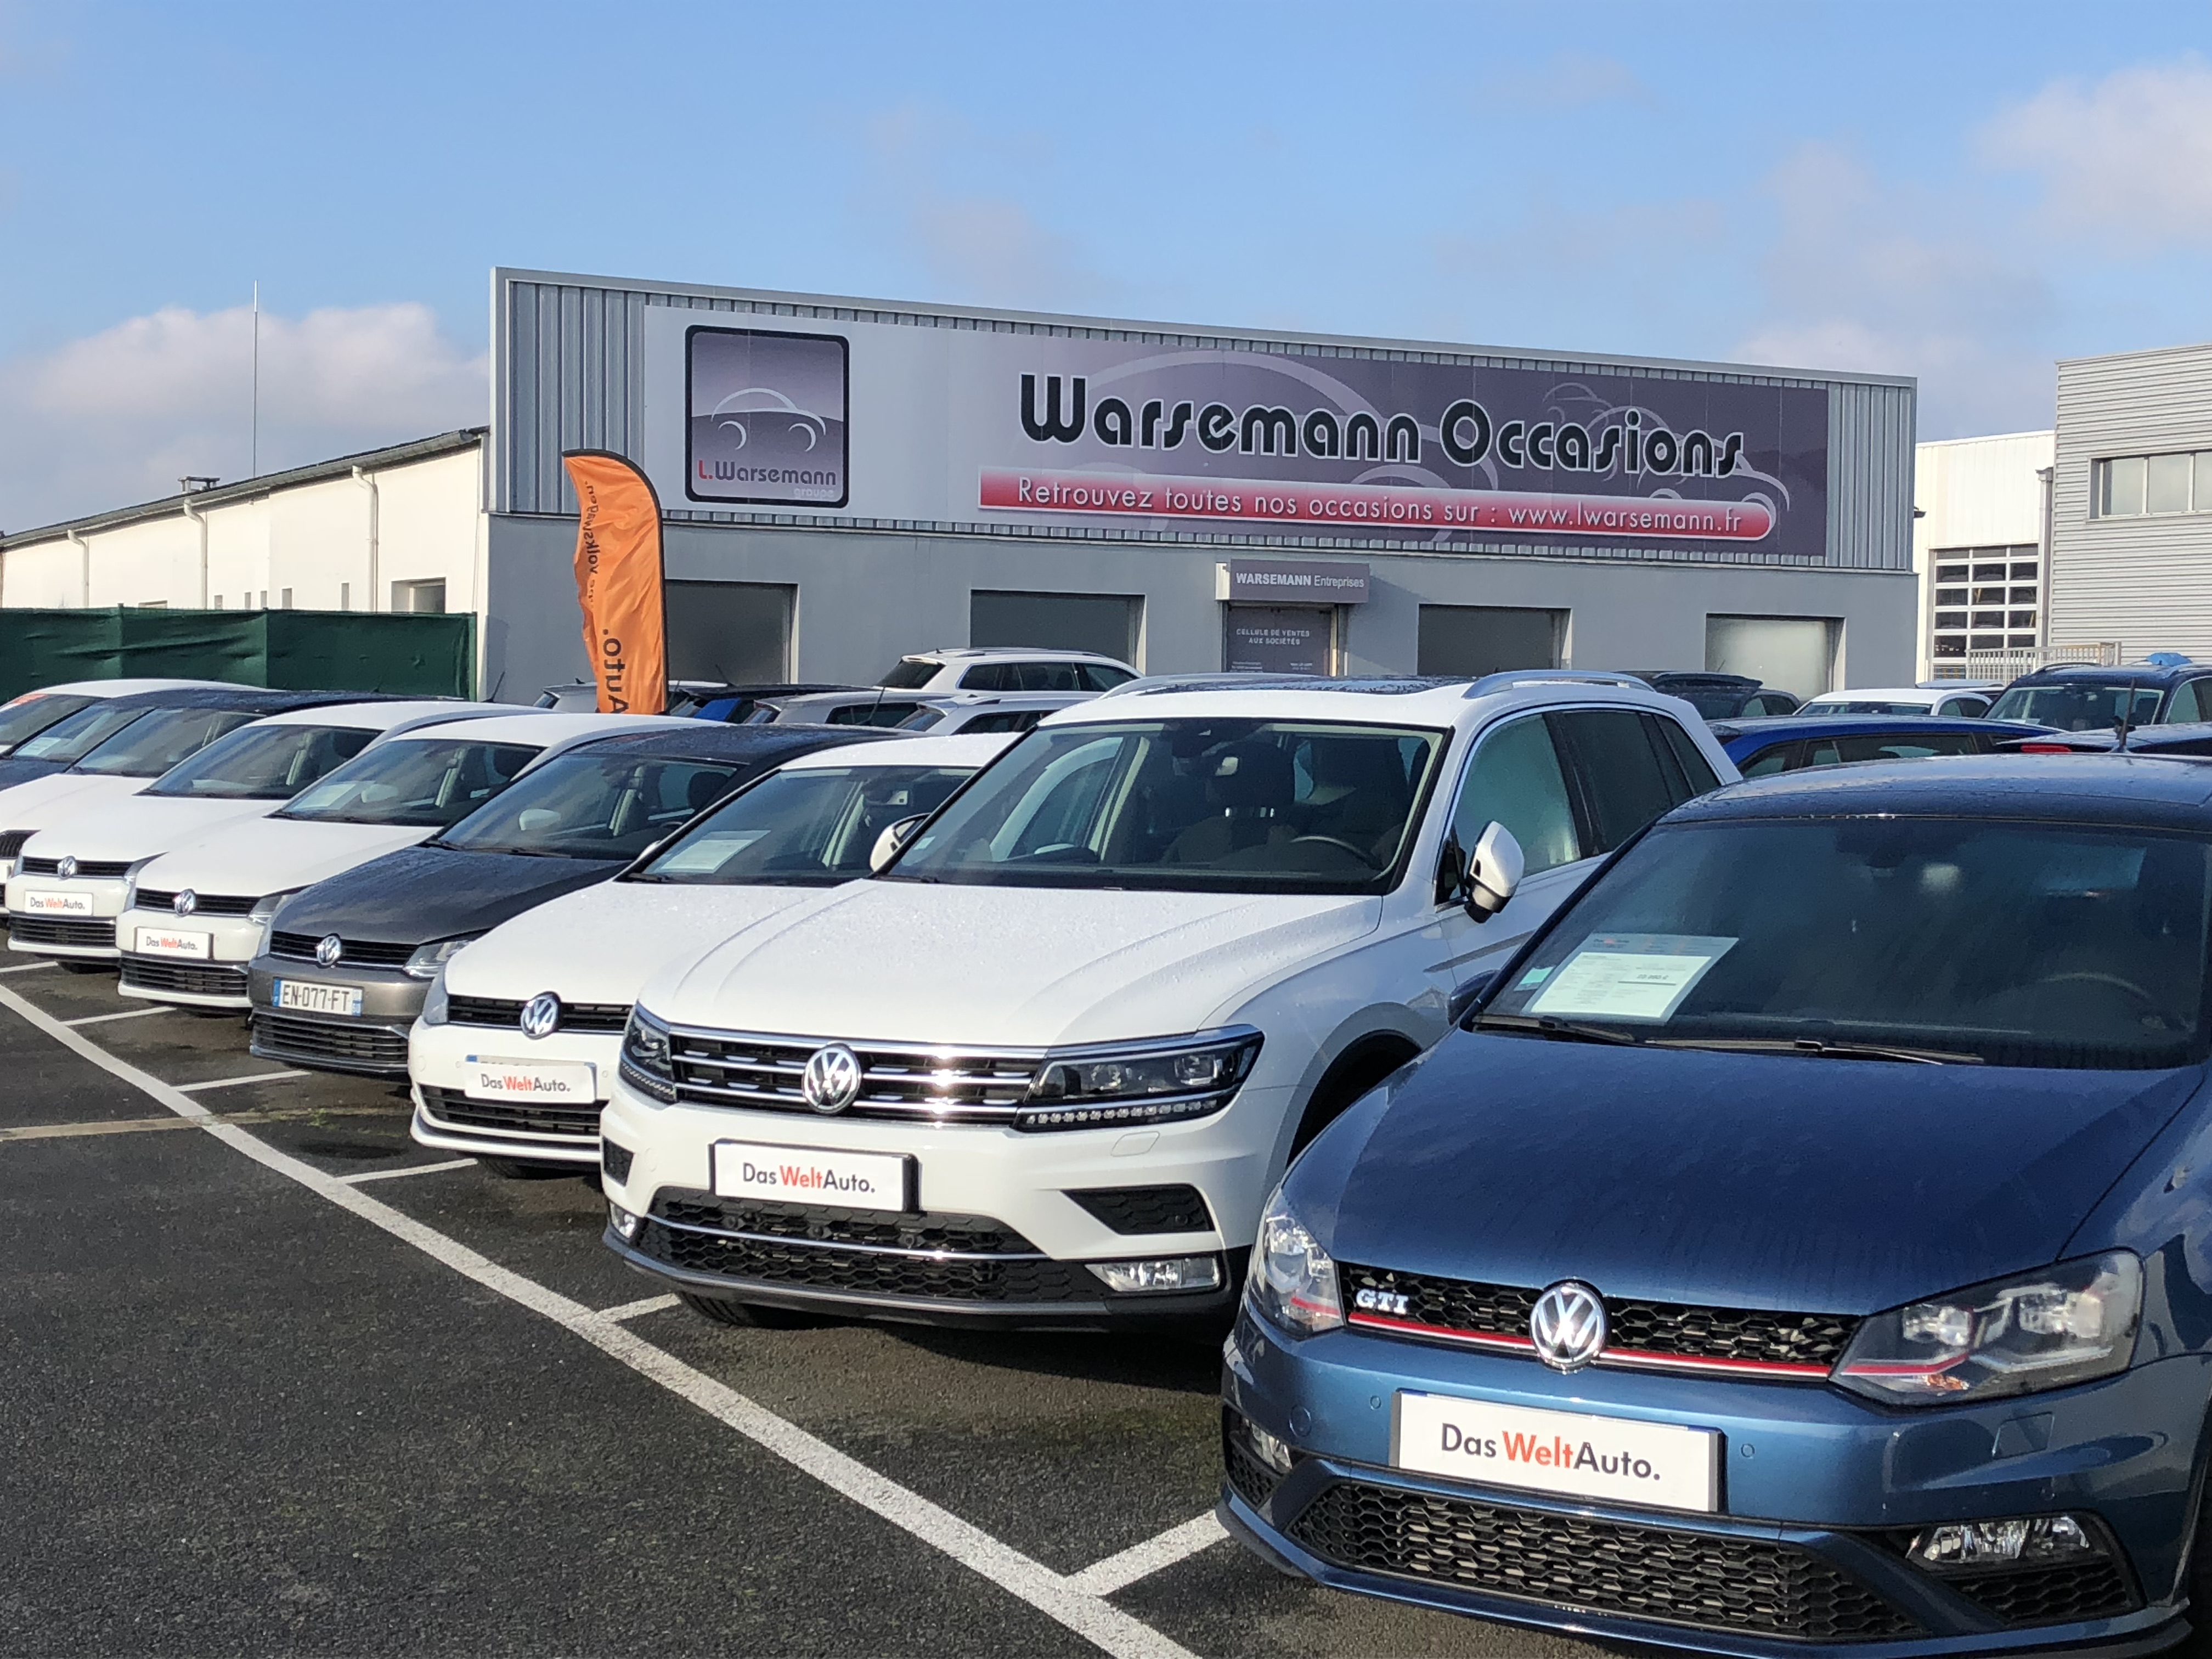 Garage Volkswagen 93 : garage warsemann ~ Dallasstarsshop.com Idées de Décoration